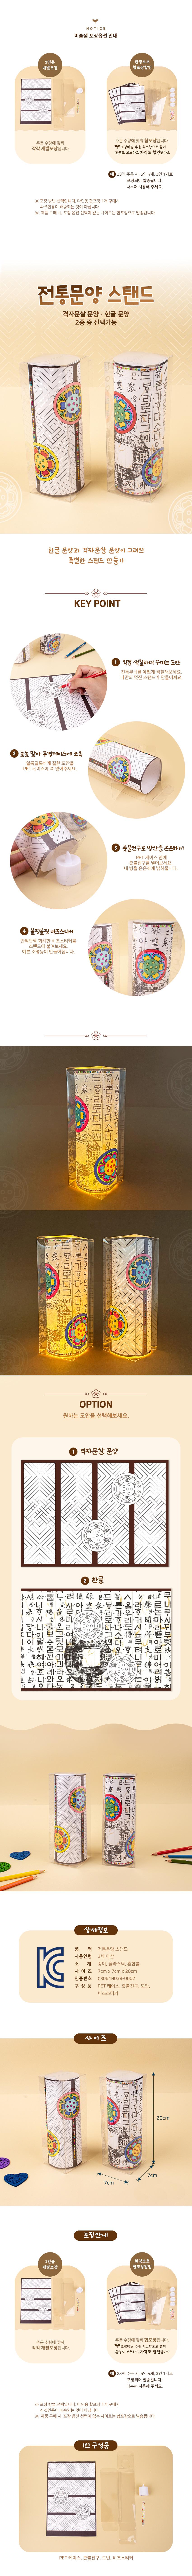 전통문양 스탠드 - 미술샘, 2,800원, 종이공예/북아트, 종이공예 패키지